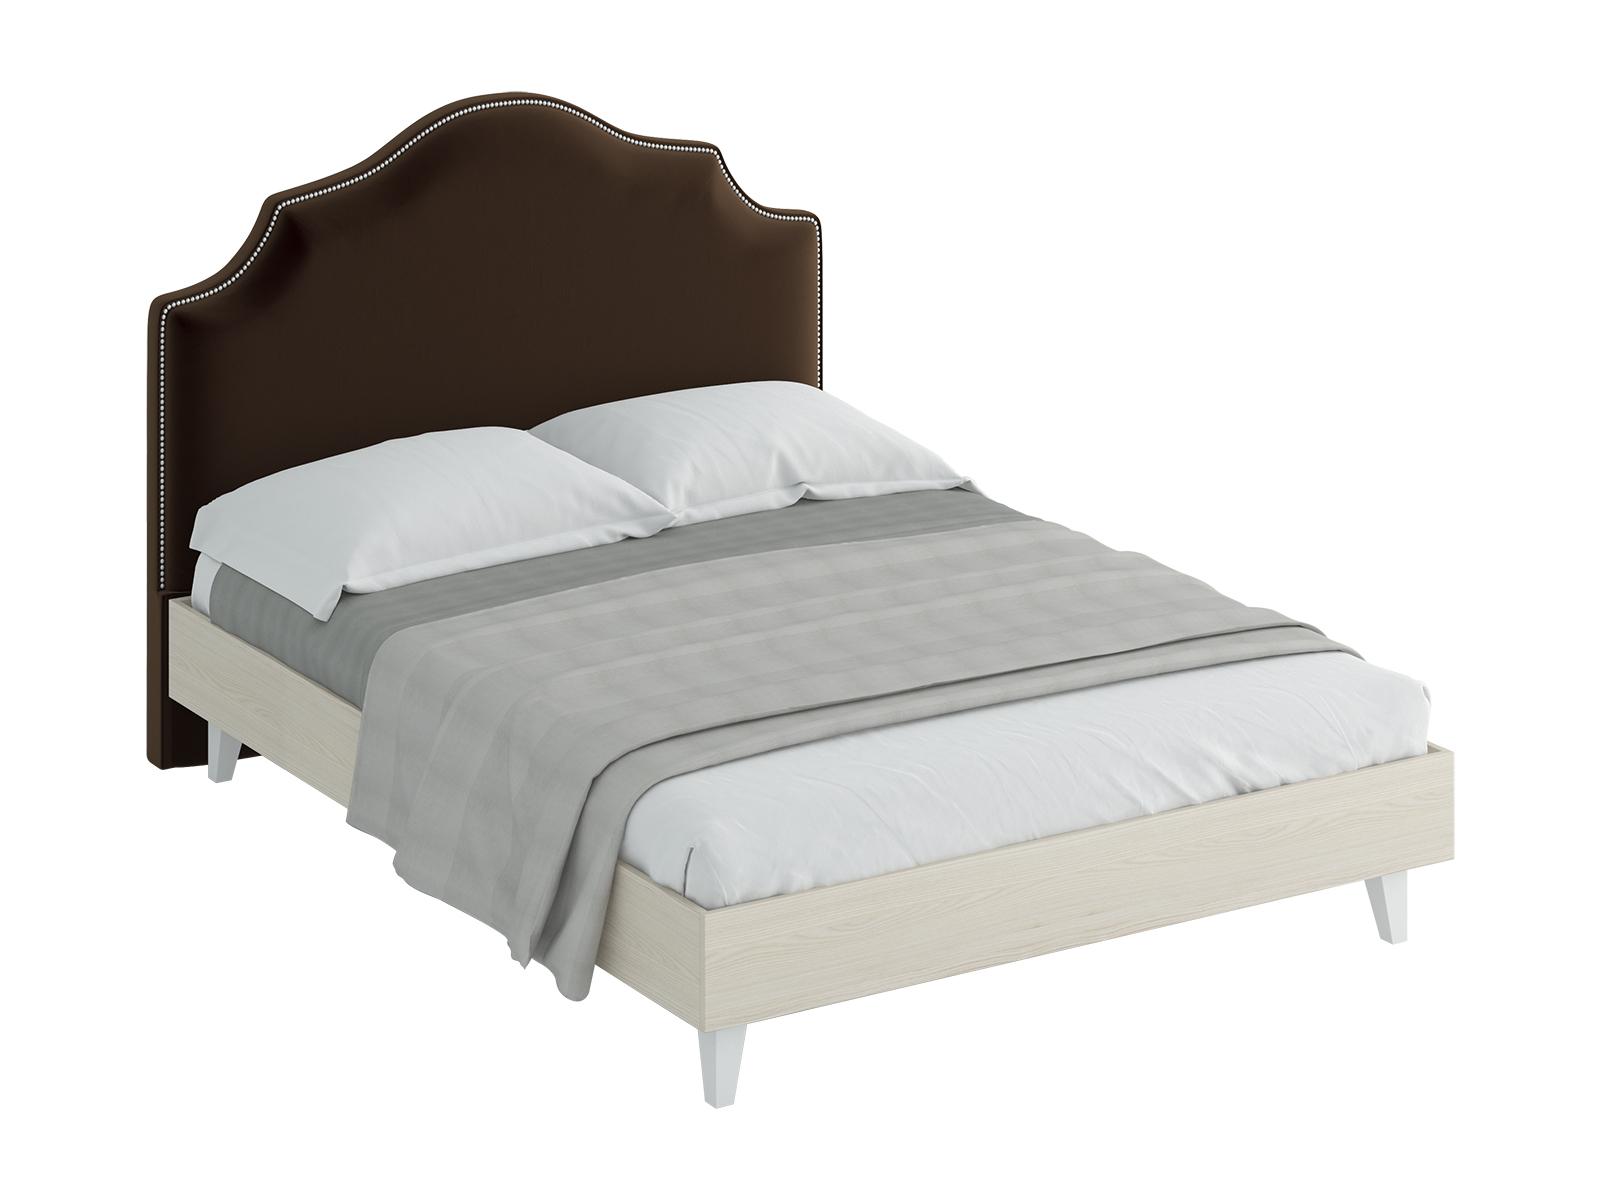 Кровать Queen VictoriaКровати<br>Кровать двуспальная.  Спинка кровати декорирована молдингом. Размер спального места: 1600х2000 мм.<br>